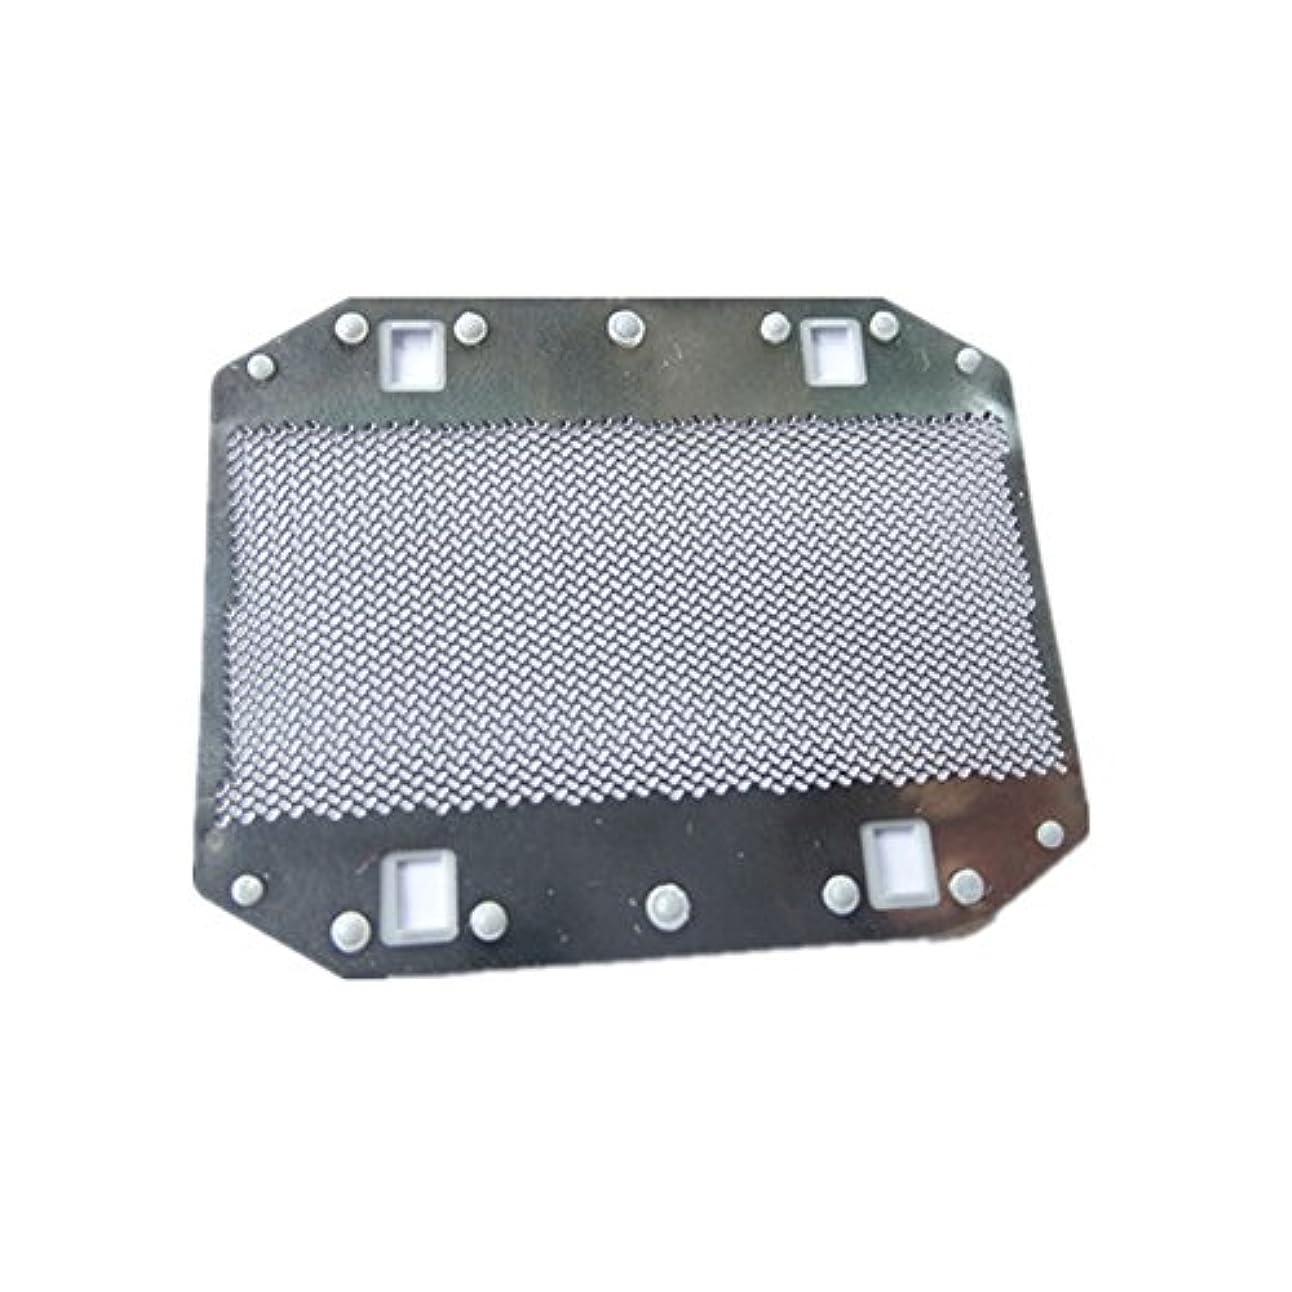 分重なるプロフェッショナルHZjundasi シェーバー剃刀 Outer ホイル for Panasonic ES3050/376/317/RC40/RP20 ES9943C